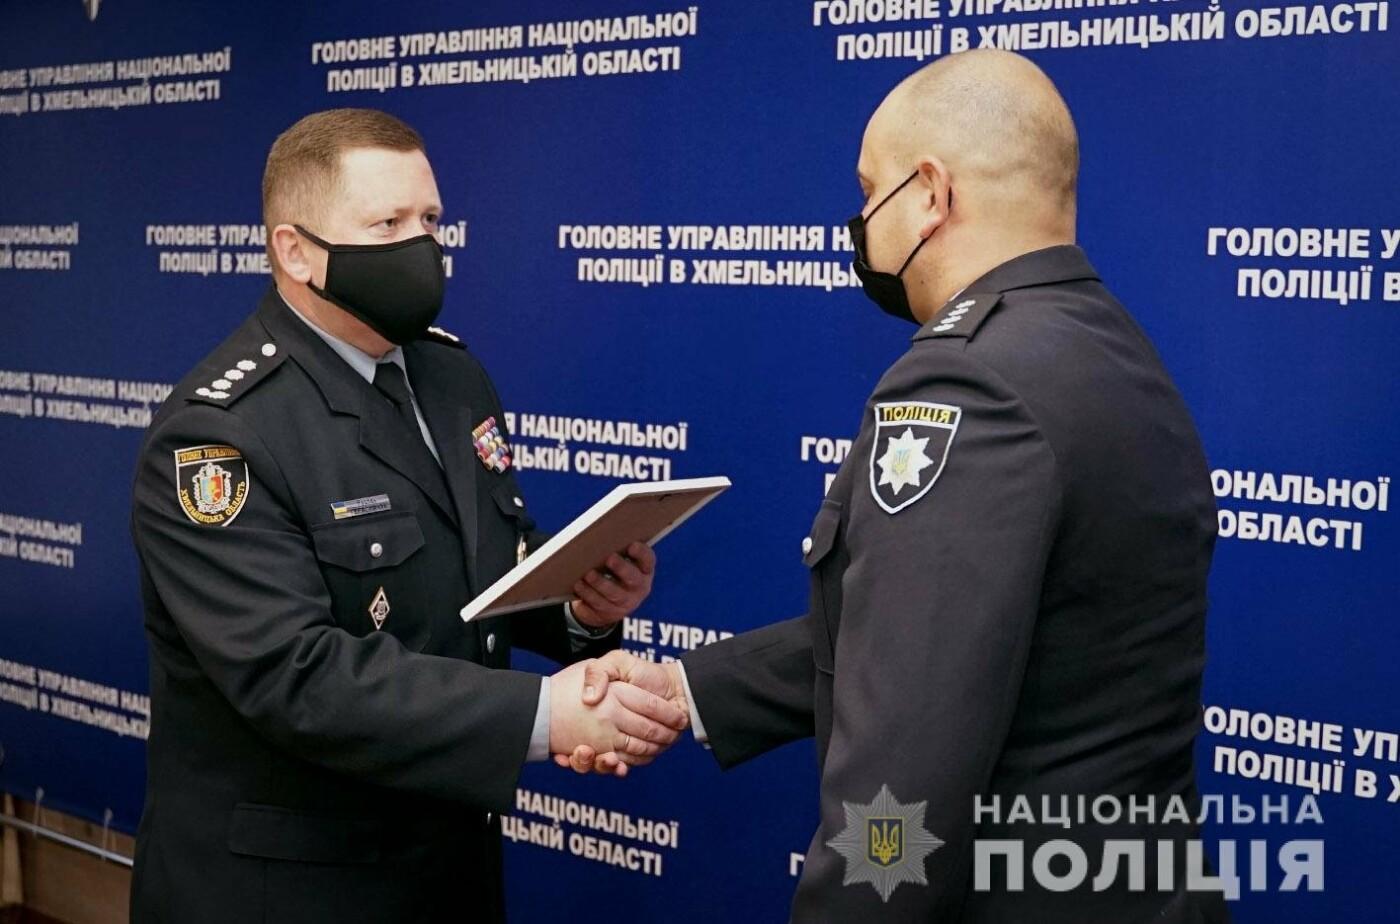 Врятував чоловіка від самогубства - керівник поліції Хмельниччини нагородив його відзнакою, фото-1